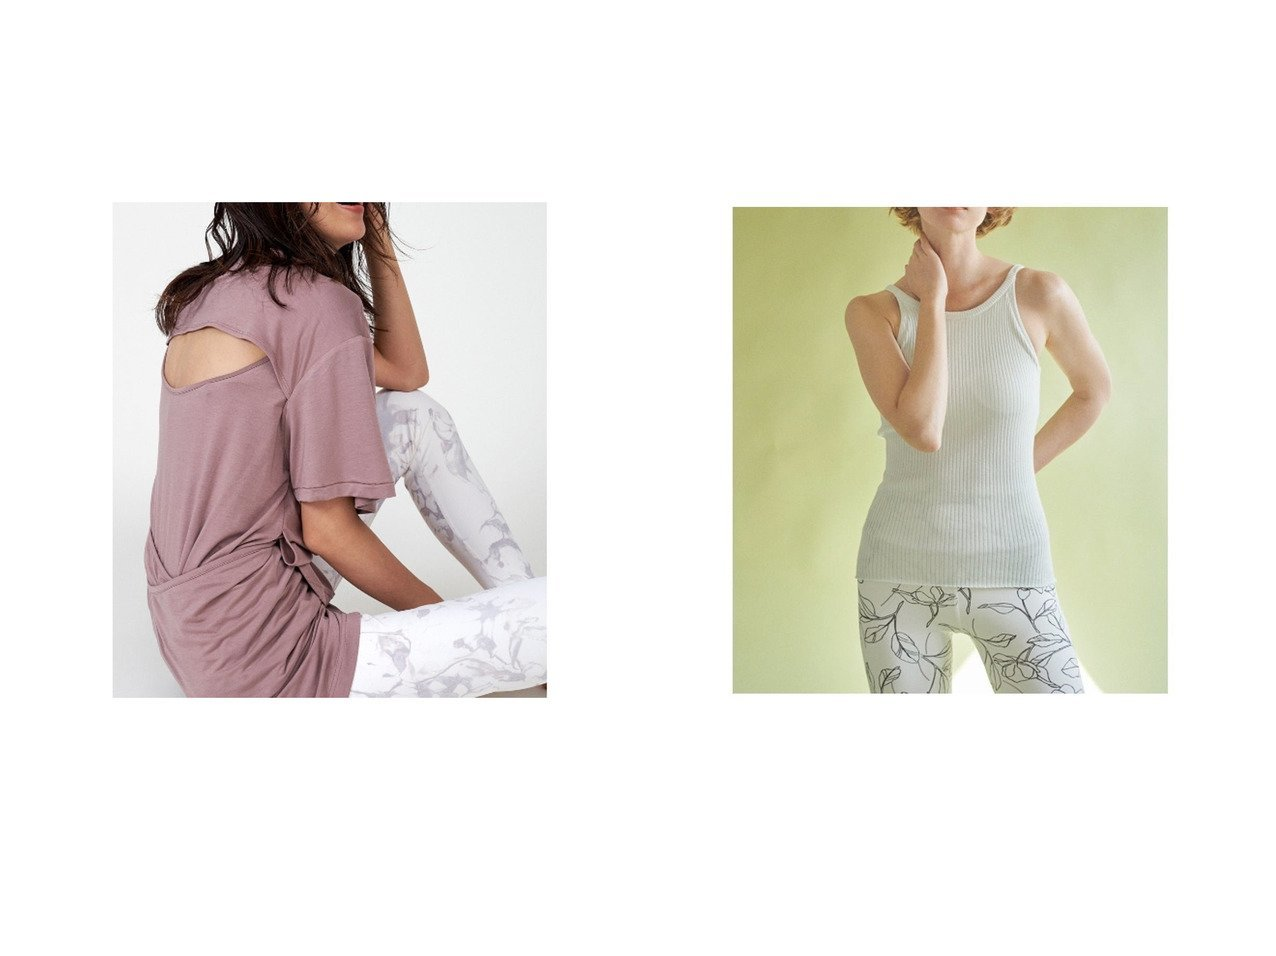 【emmi/エミ】の【emmi yoga】カップ付きサステナブルニットキャミ&【FRAY I.D/フレイ アイディー】のFRAY I.Dxemmi Tシャツ 【トップス・カットソー】おすすめ!人気、トレンド・レディースファッションの通販 おすすめで人気の流行・トレンド、ファッションの通販商品 インテリア・家具・メンズファッション・キッズファッション・レディースファッション・服の通販 founy(ファニー) https://founy.com/ ファッション Fashion レディースファッション WOMEN トップス・カットソー Tops/Tshirt シャツ/ブラウス Shirts/Blouses ロング / Tシャツ T-Shirts ニット Knit Tops キャミソール / ノースリーブ No Sleeves 洗える カシュクール 吸水 スマート パープル フロント ブラウジング ヨガ レギンス A/W・秋冬 AW・Autumn/Winter・FW・Fall-Winter 2020年 2020 2020-2021秋冬・A/W AW・Autumn/Winter・FW・Fall-Winter/2020-2021 ウォッシャブル 春 Spring キャミソール タンク 2021年 2021 S/S・春夏 SS・Spring/Summer 2021春夏・S/S SS/Spring/Summer/2021 夏 Summer |ID:crp329100000048314